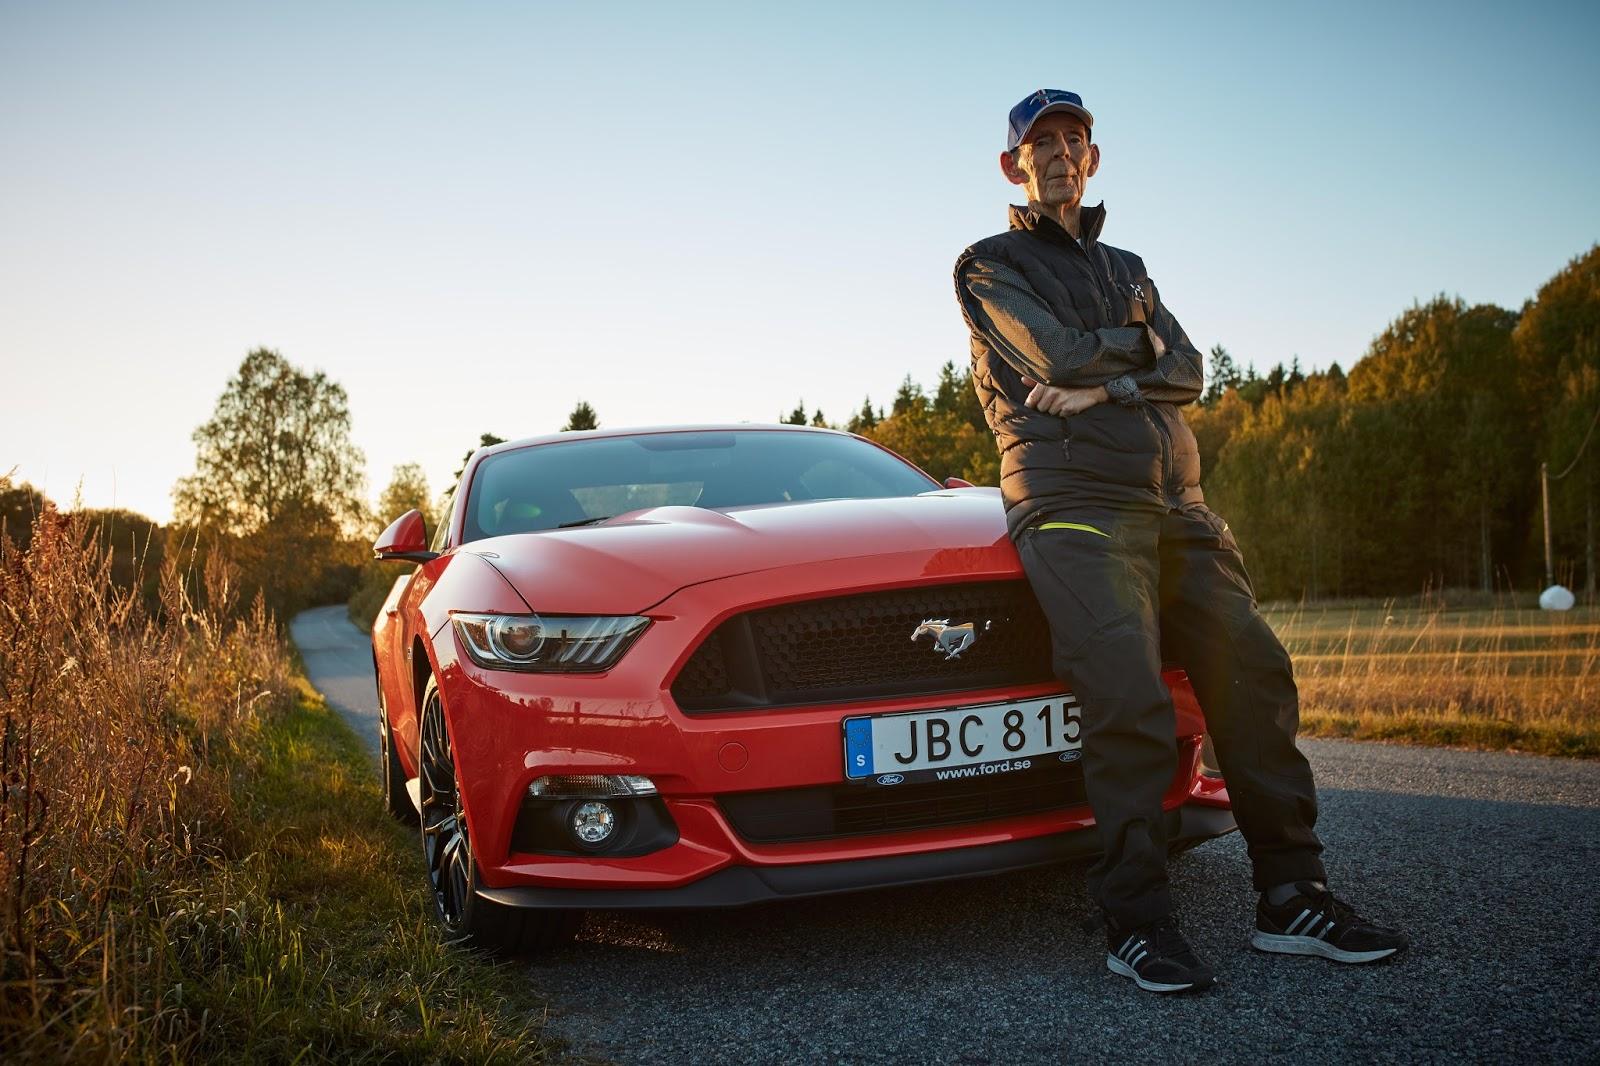 Best SellingSportsCar MustangSweden Ο... τυφώνας Ford Mustang εξαπλώνεται σε όλο τον κόσμο και ξεπουλάει! Bestseller, cabrio, Ford Mustang, Muscle cars, Sales, πωλήσεις, πωλήσεις αυτοκινήτων